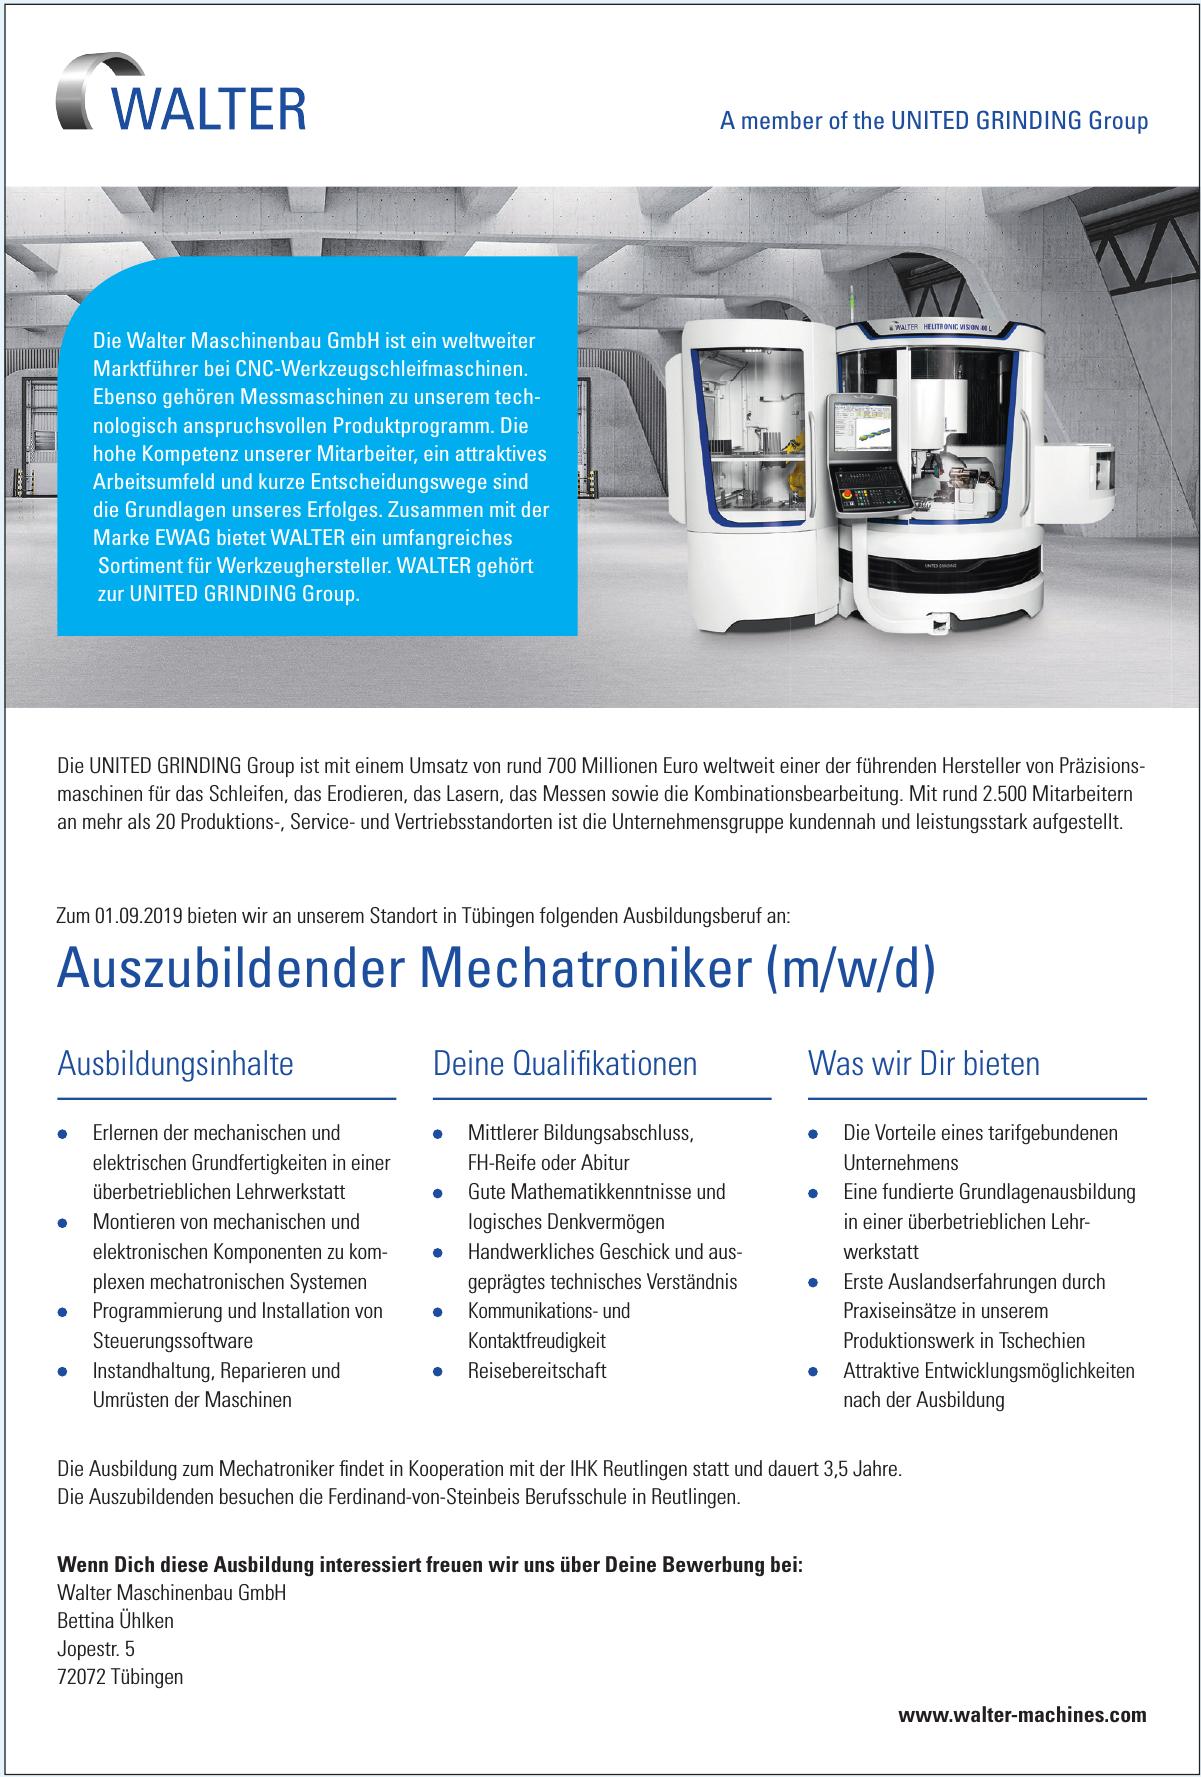 Walter Maschinenbau GmbH